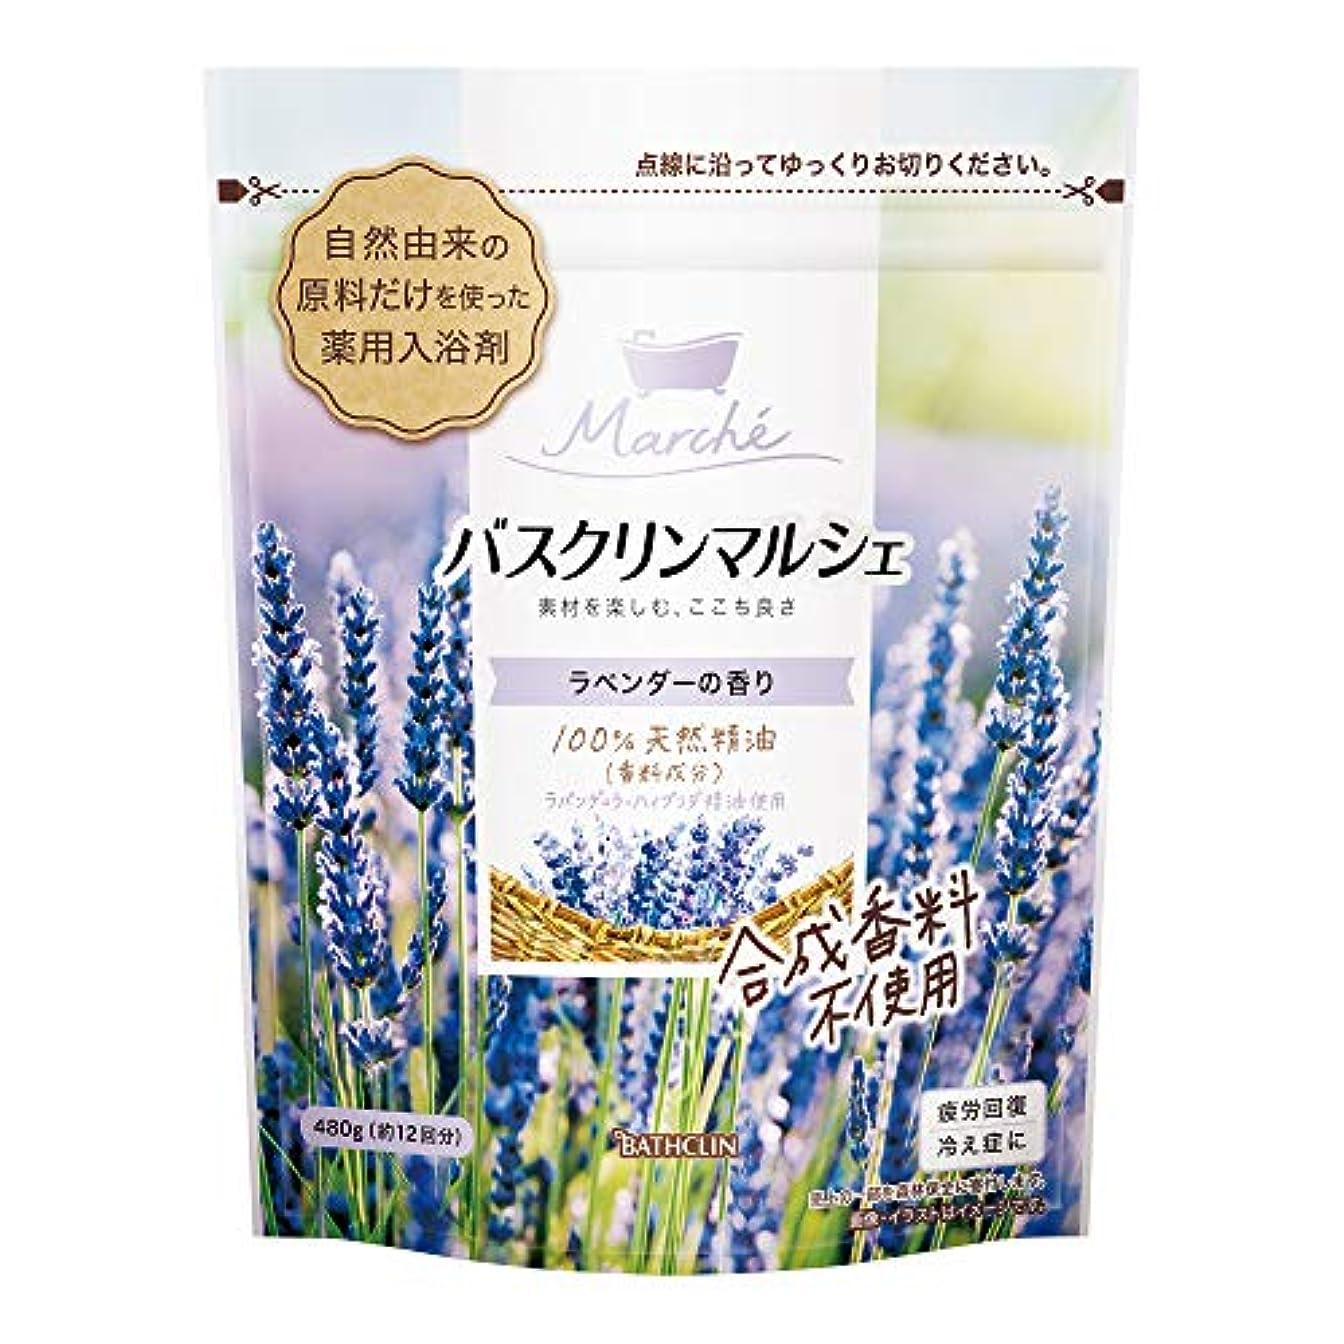 インデックス画像背骨バスクリンマルシェラベンダーの香り 入浴剤 そよ風に揺れる花を想わせるラベンダーの香りの入浴剤 480g